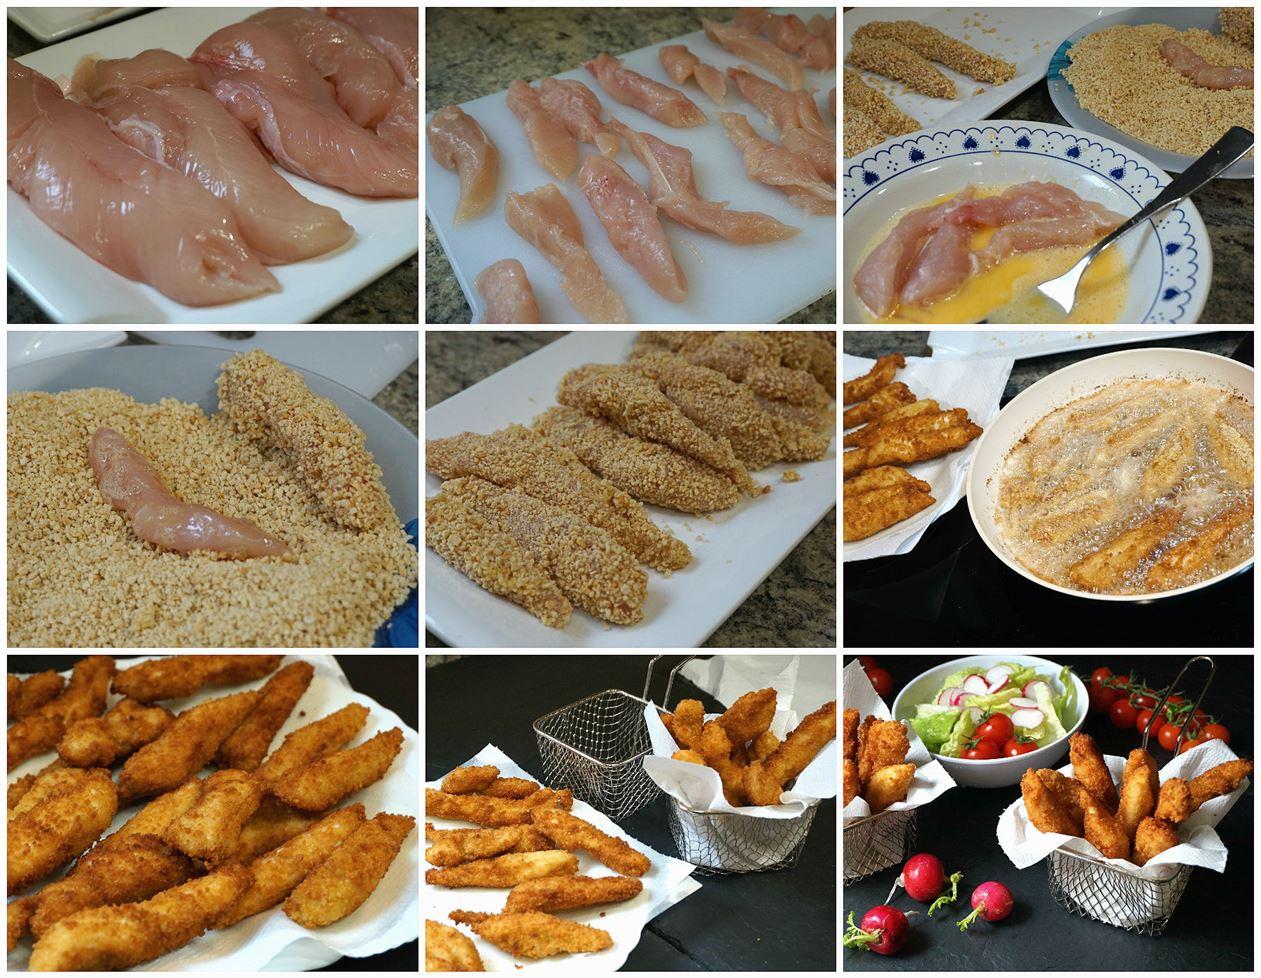 Preparación de los fingers de pollo